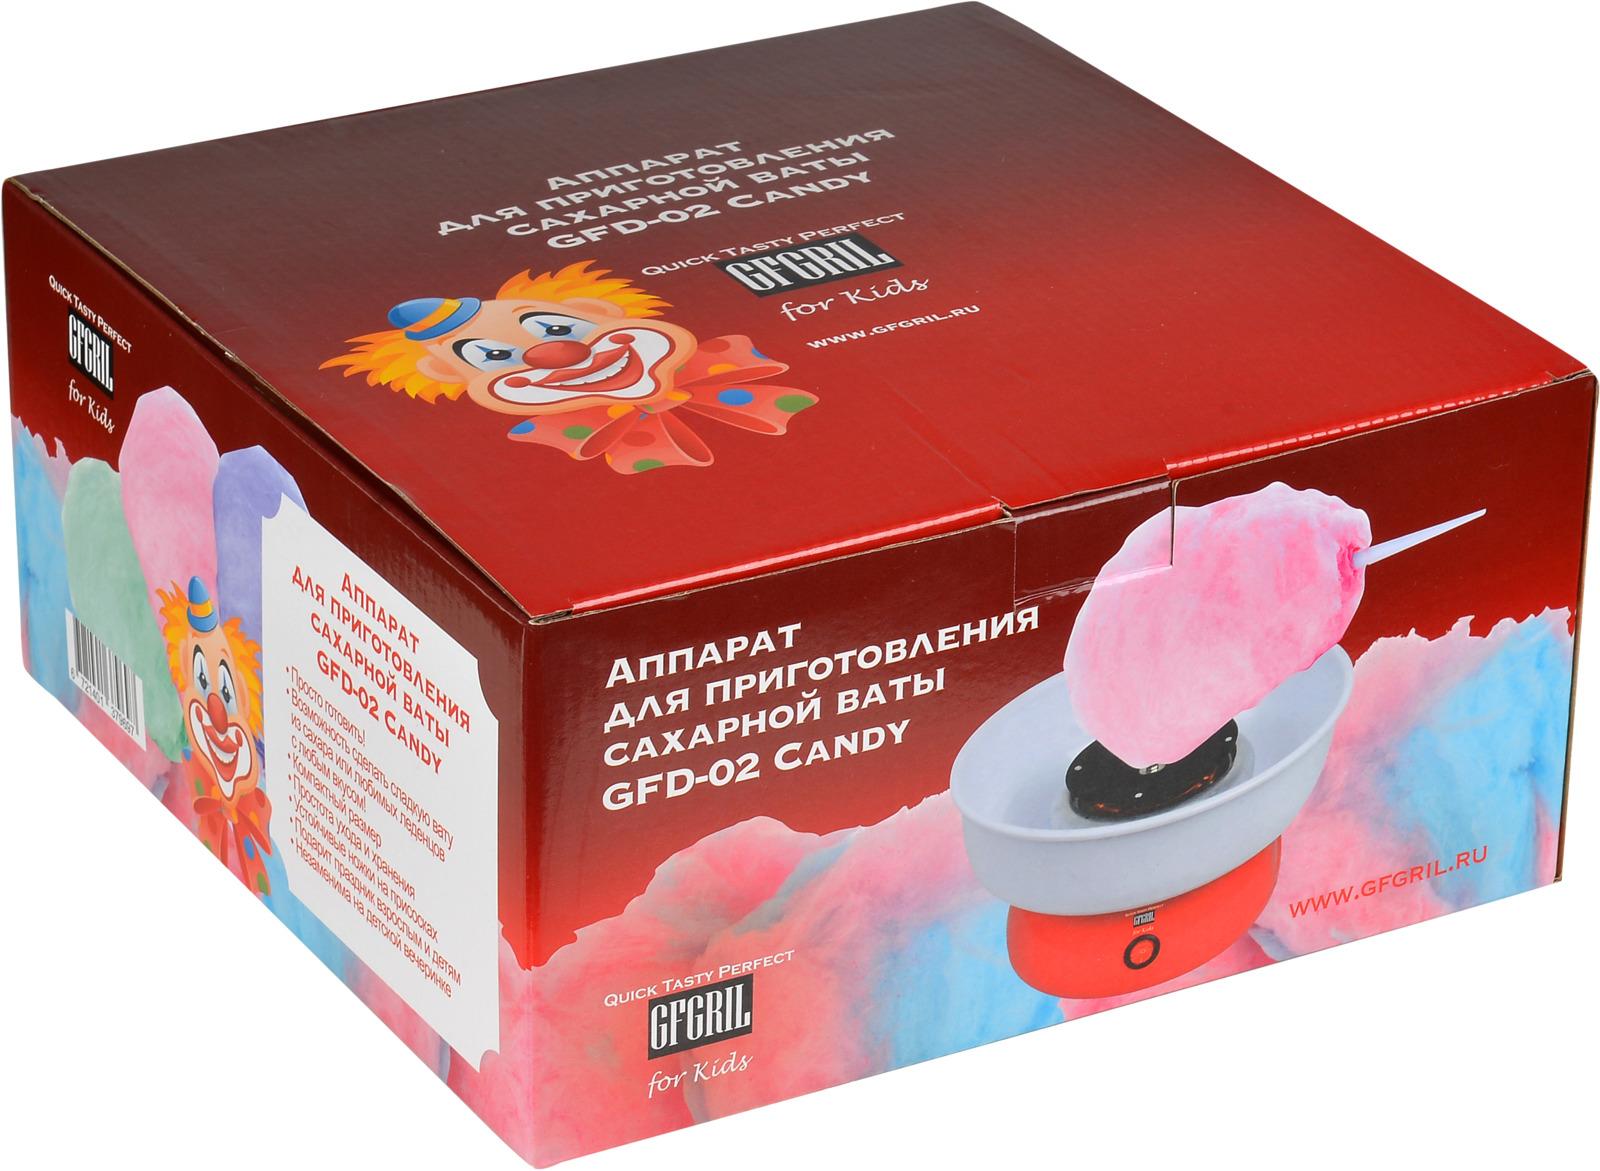 GFgril GFD-02 Candy, Redаппарат для приготовления сахарной ваты GFgril